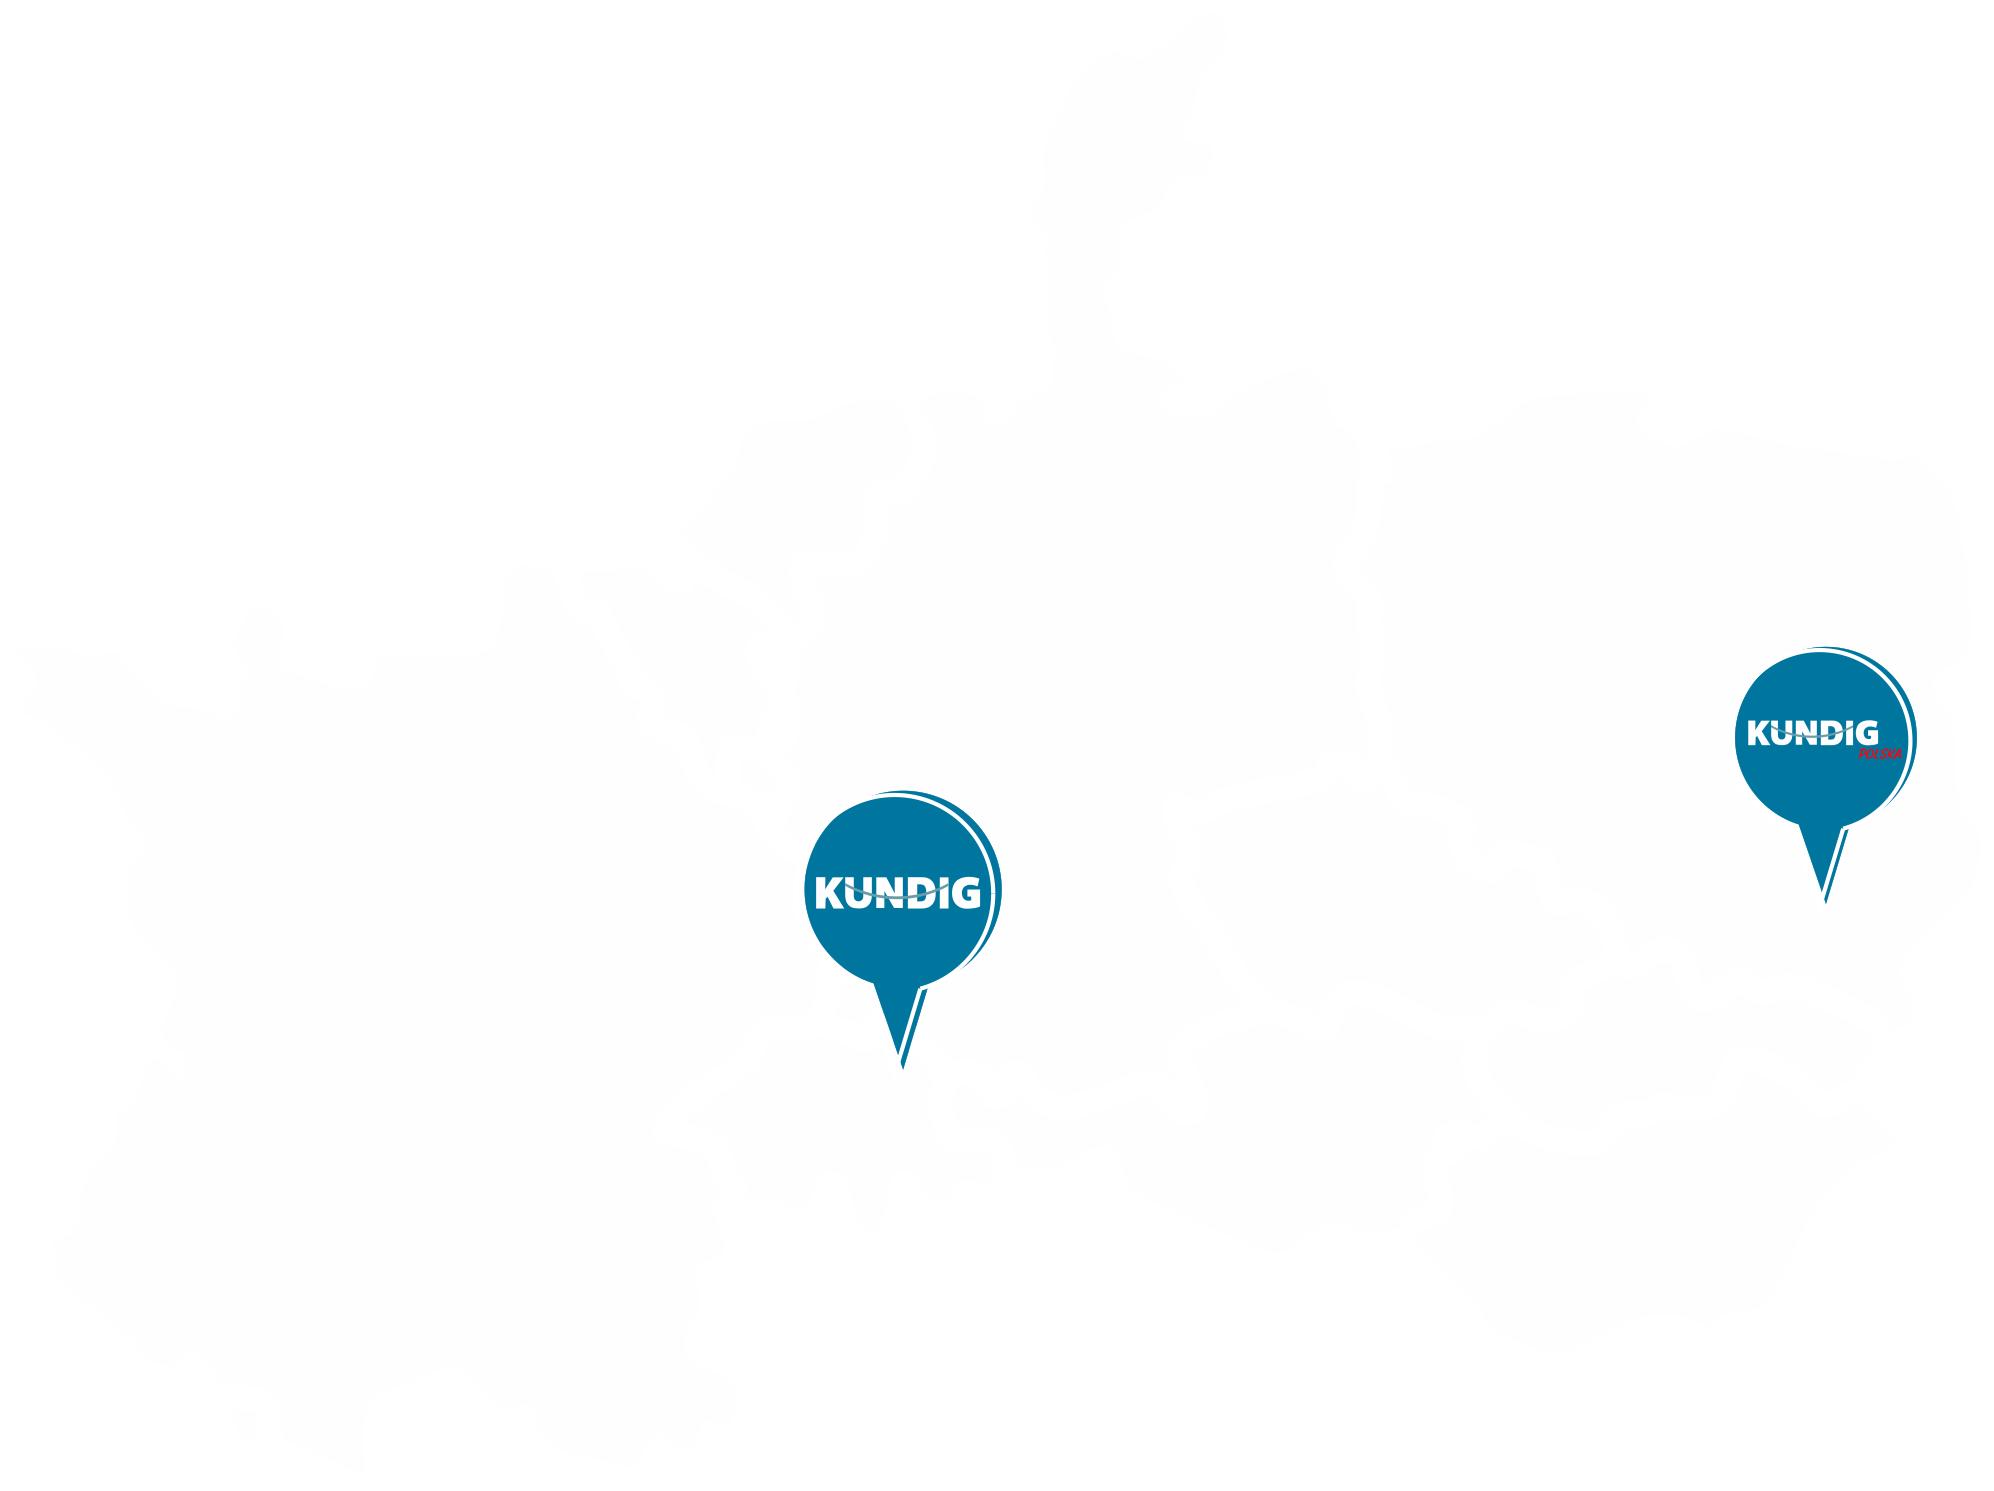 KUNDIG-2021_MAPA